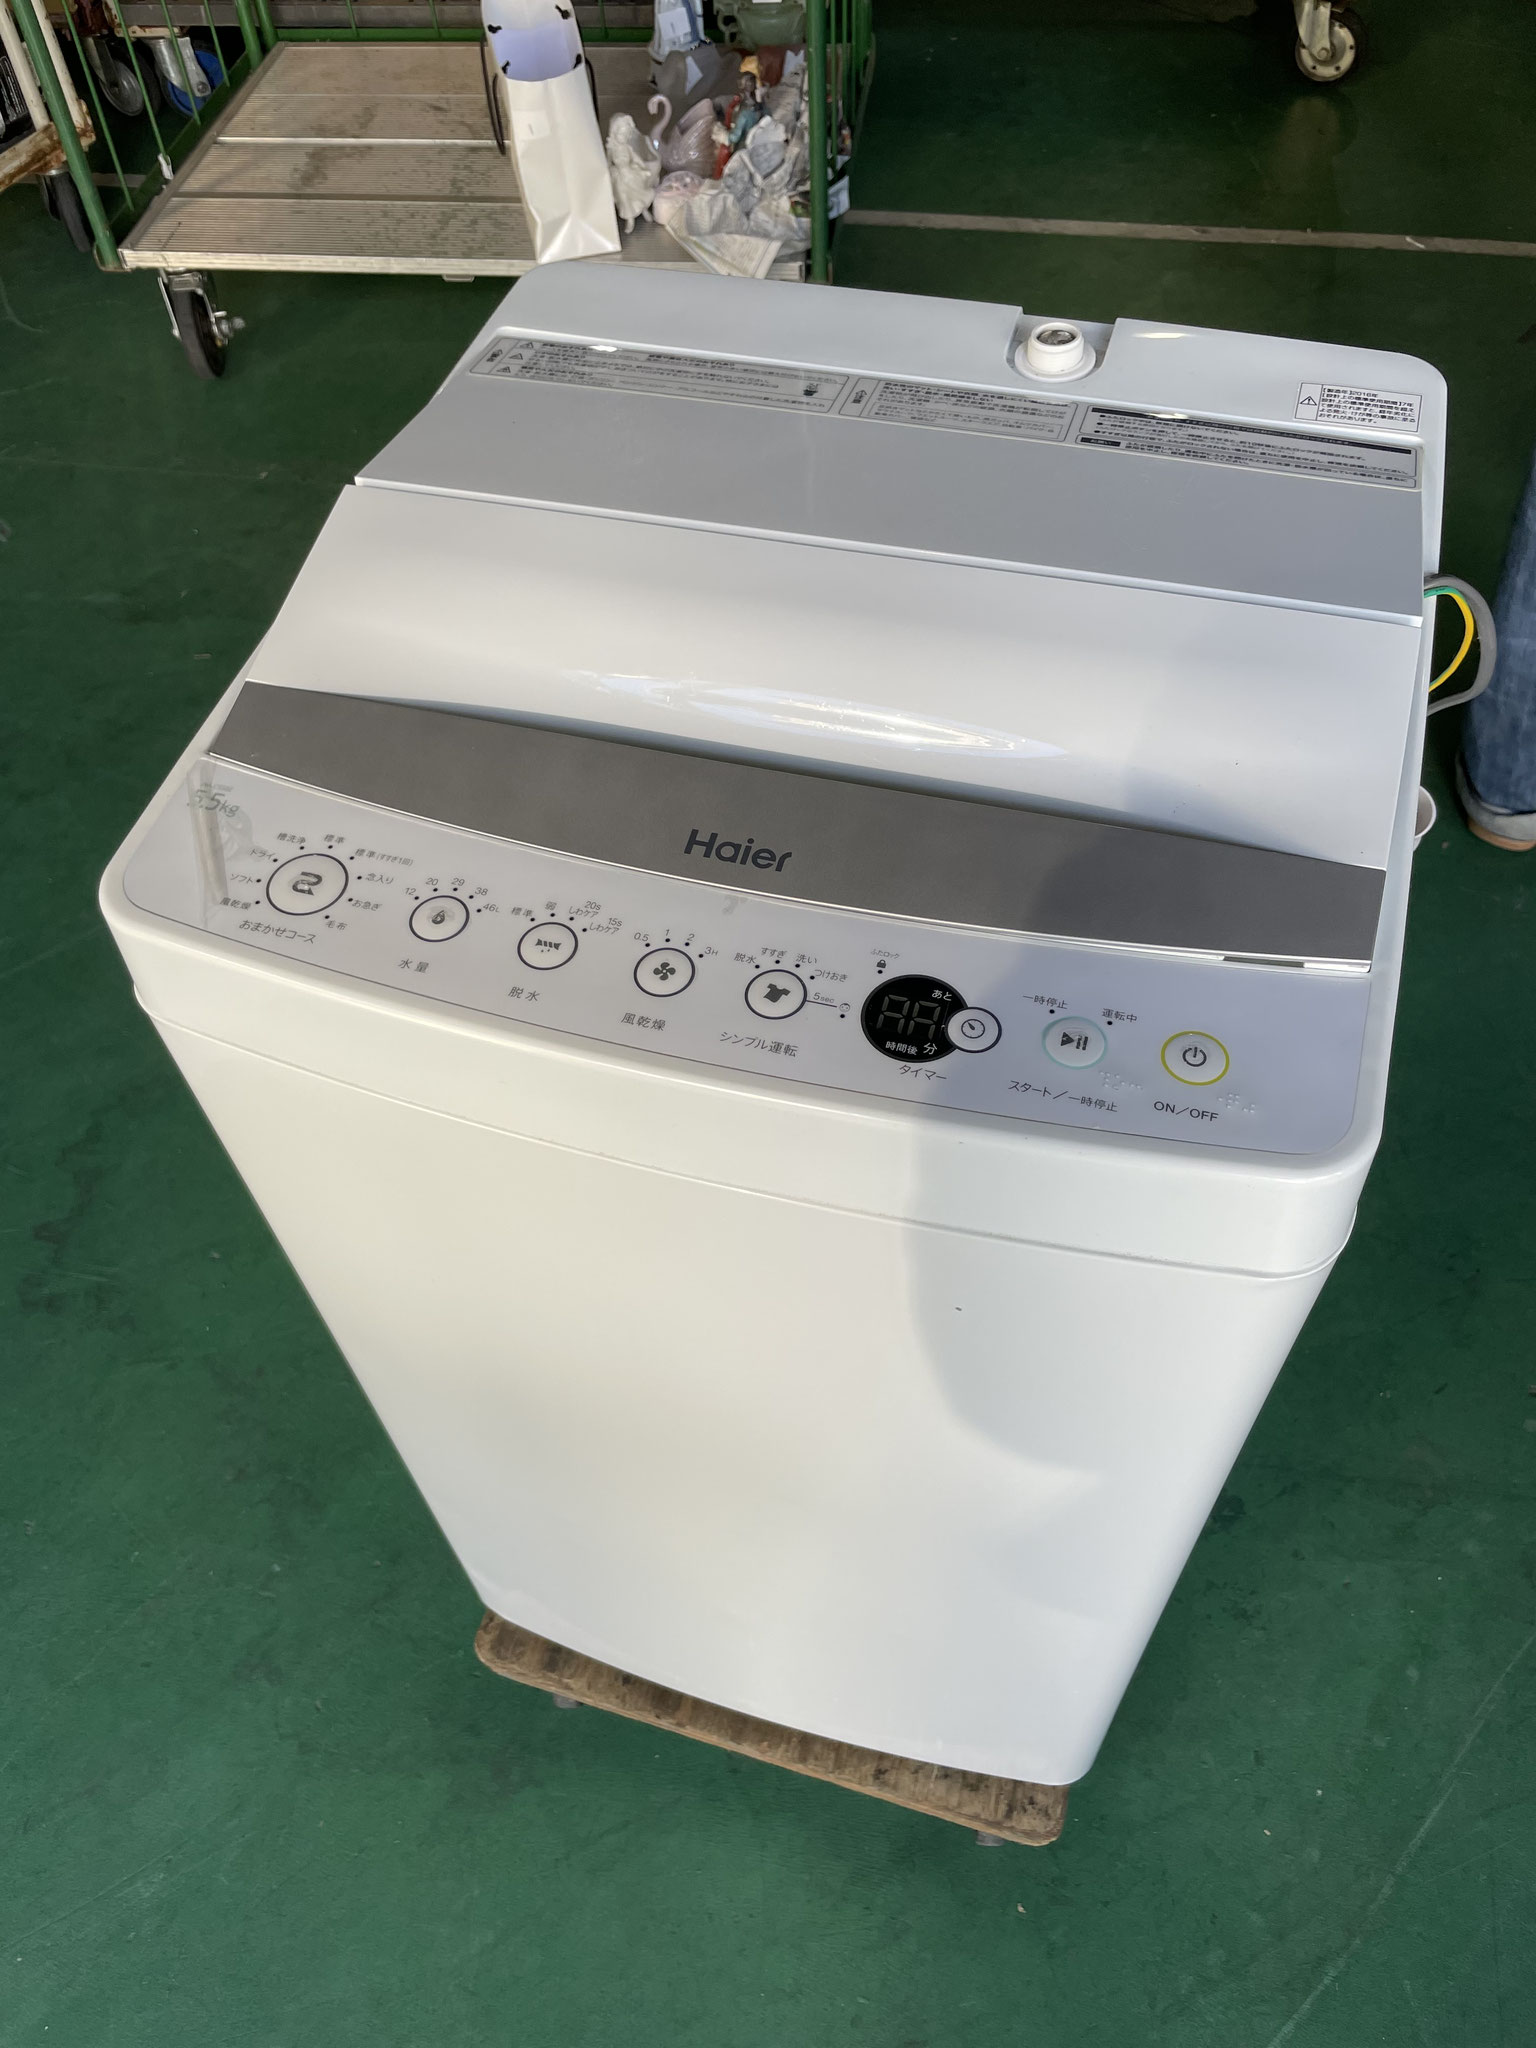 ハイアール洗濯機